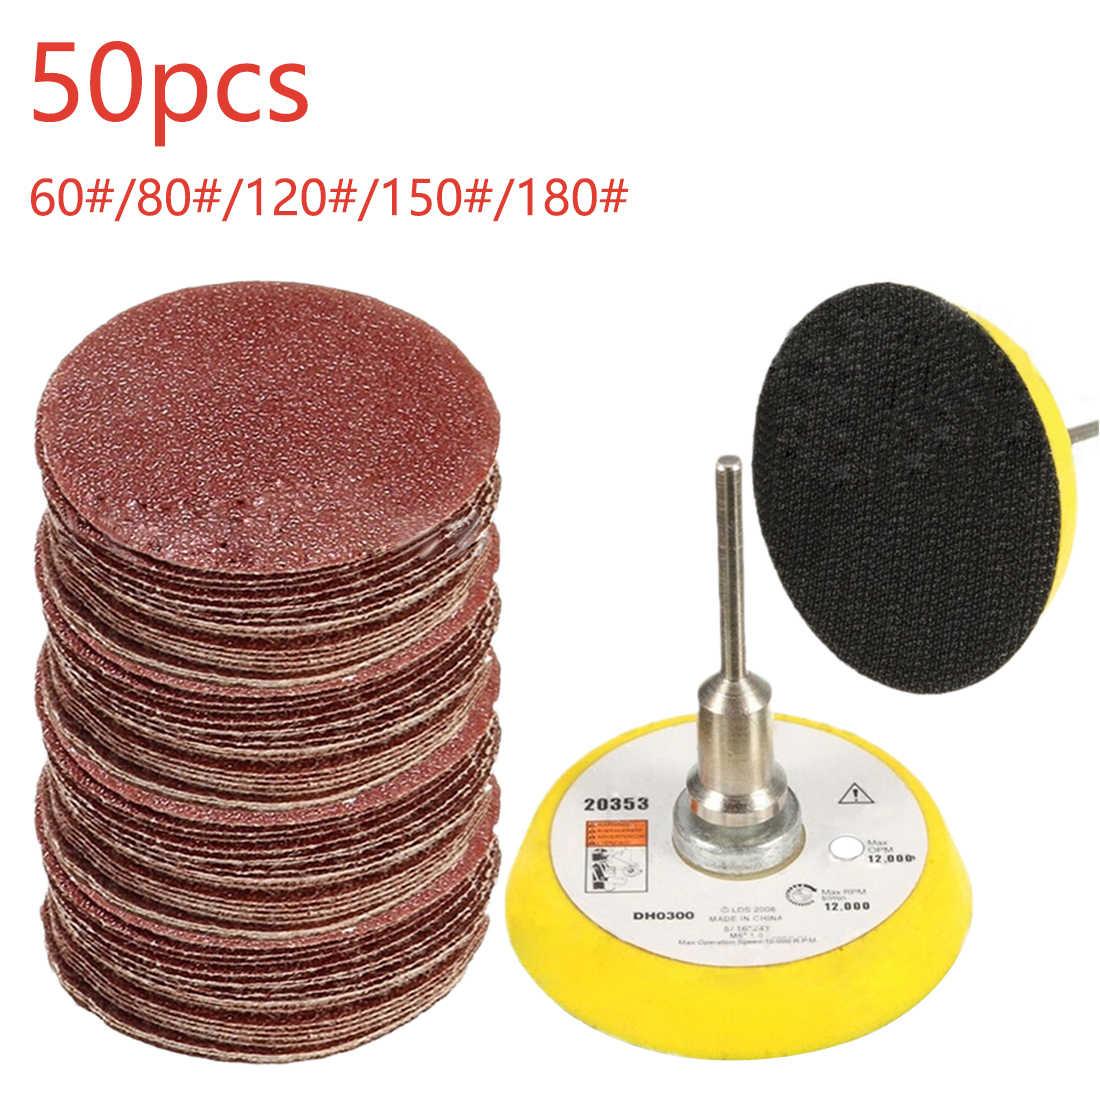 שוחקים ליטוש טחינת חרירי 50pcs 2 אינץ אדום עגול נייר זכוכית 60/80/120/150/180 + 1pc וו לולאה צלחת fit Dremel